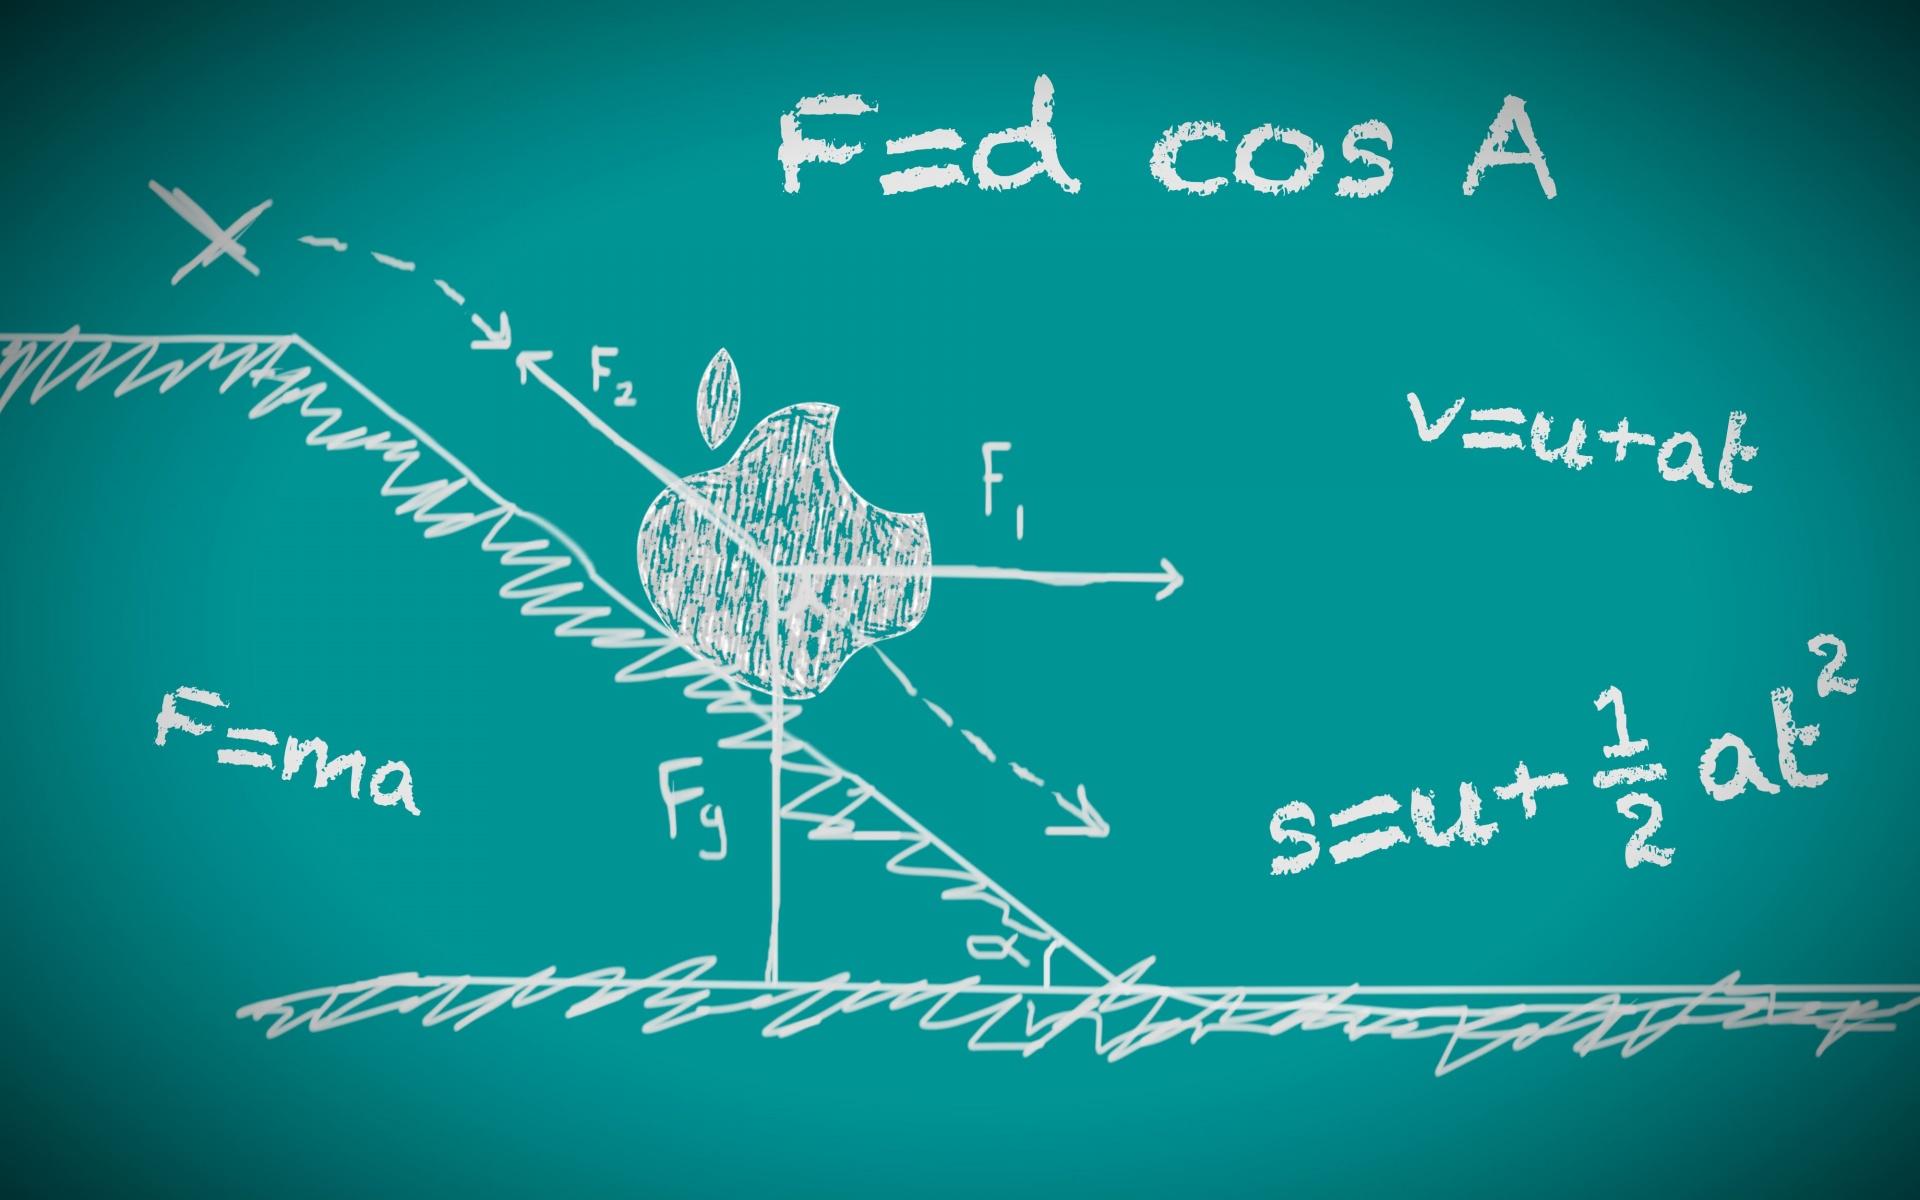 Quantum Physics Wallpaper - WallpaperSafari